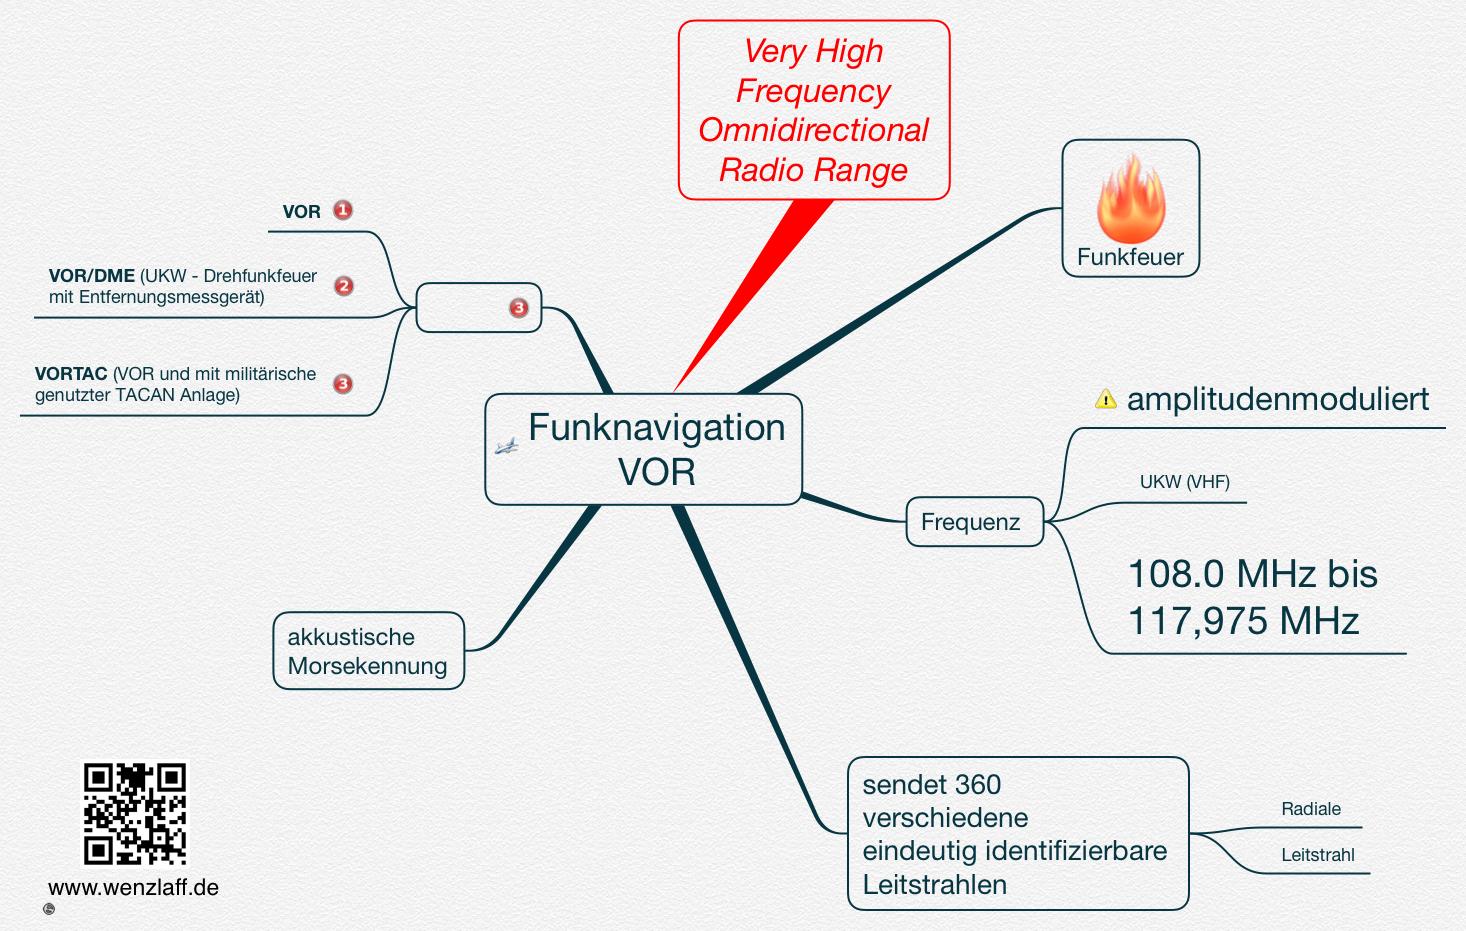 funknavigation-vor